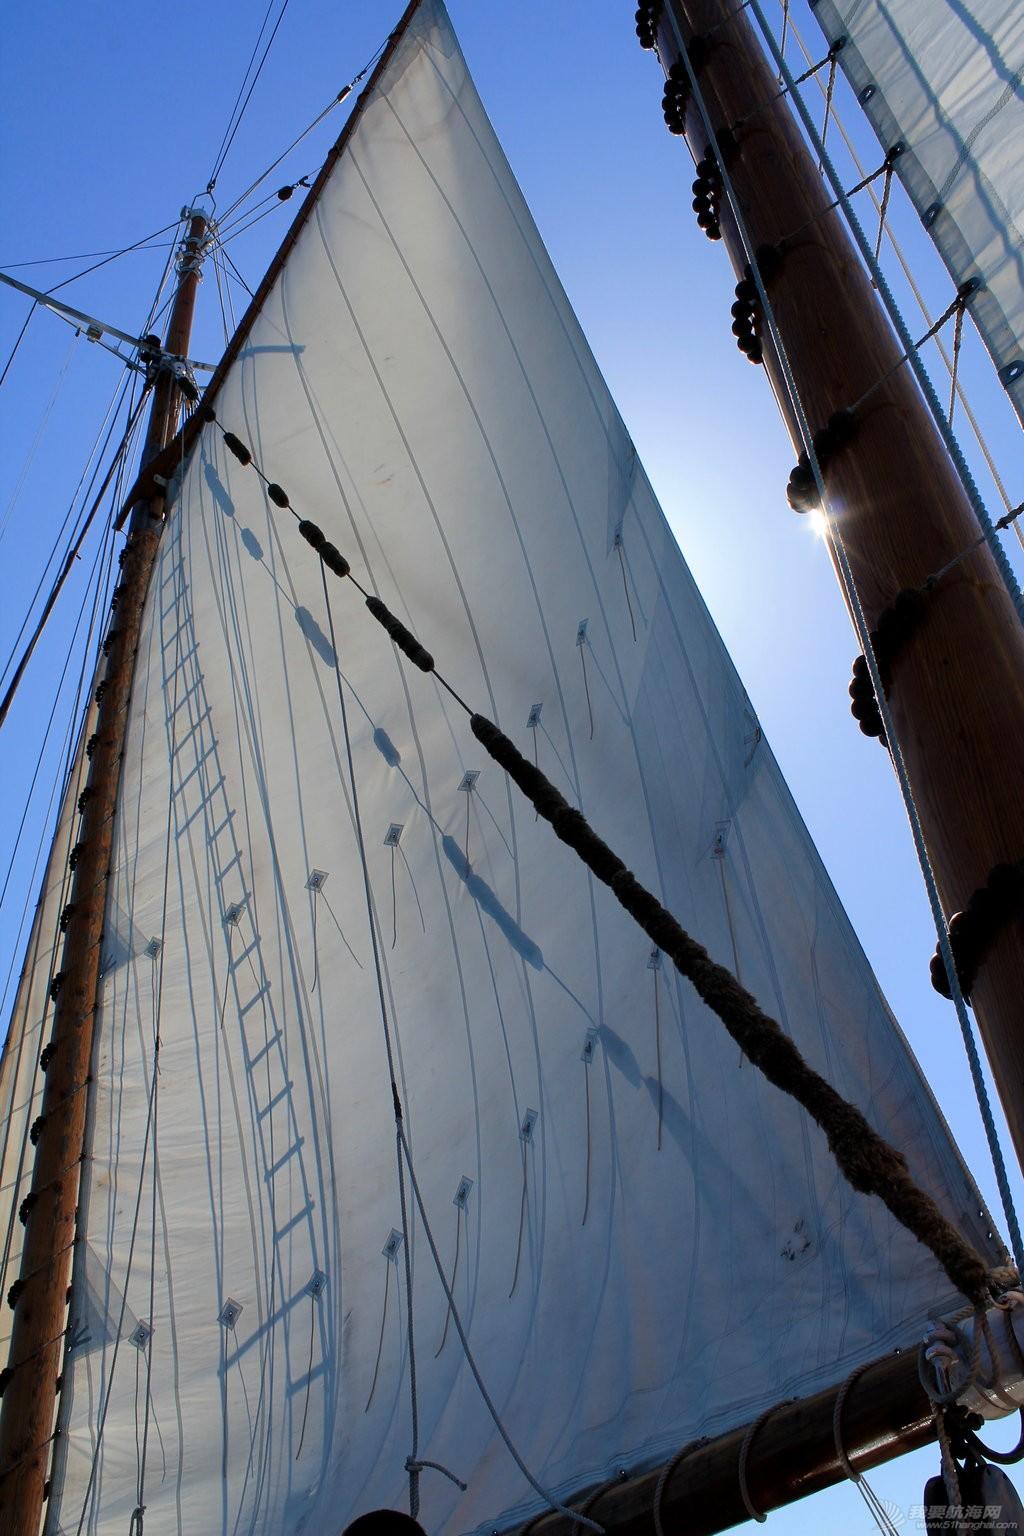 传奇,世纪,圣胡安,美国,帆船 2017美国圣胡安探险《极致玩帆》系列二 ASA证书培训+孤独星球推荐群岛+古....